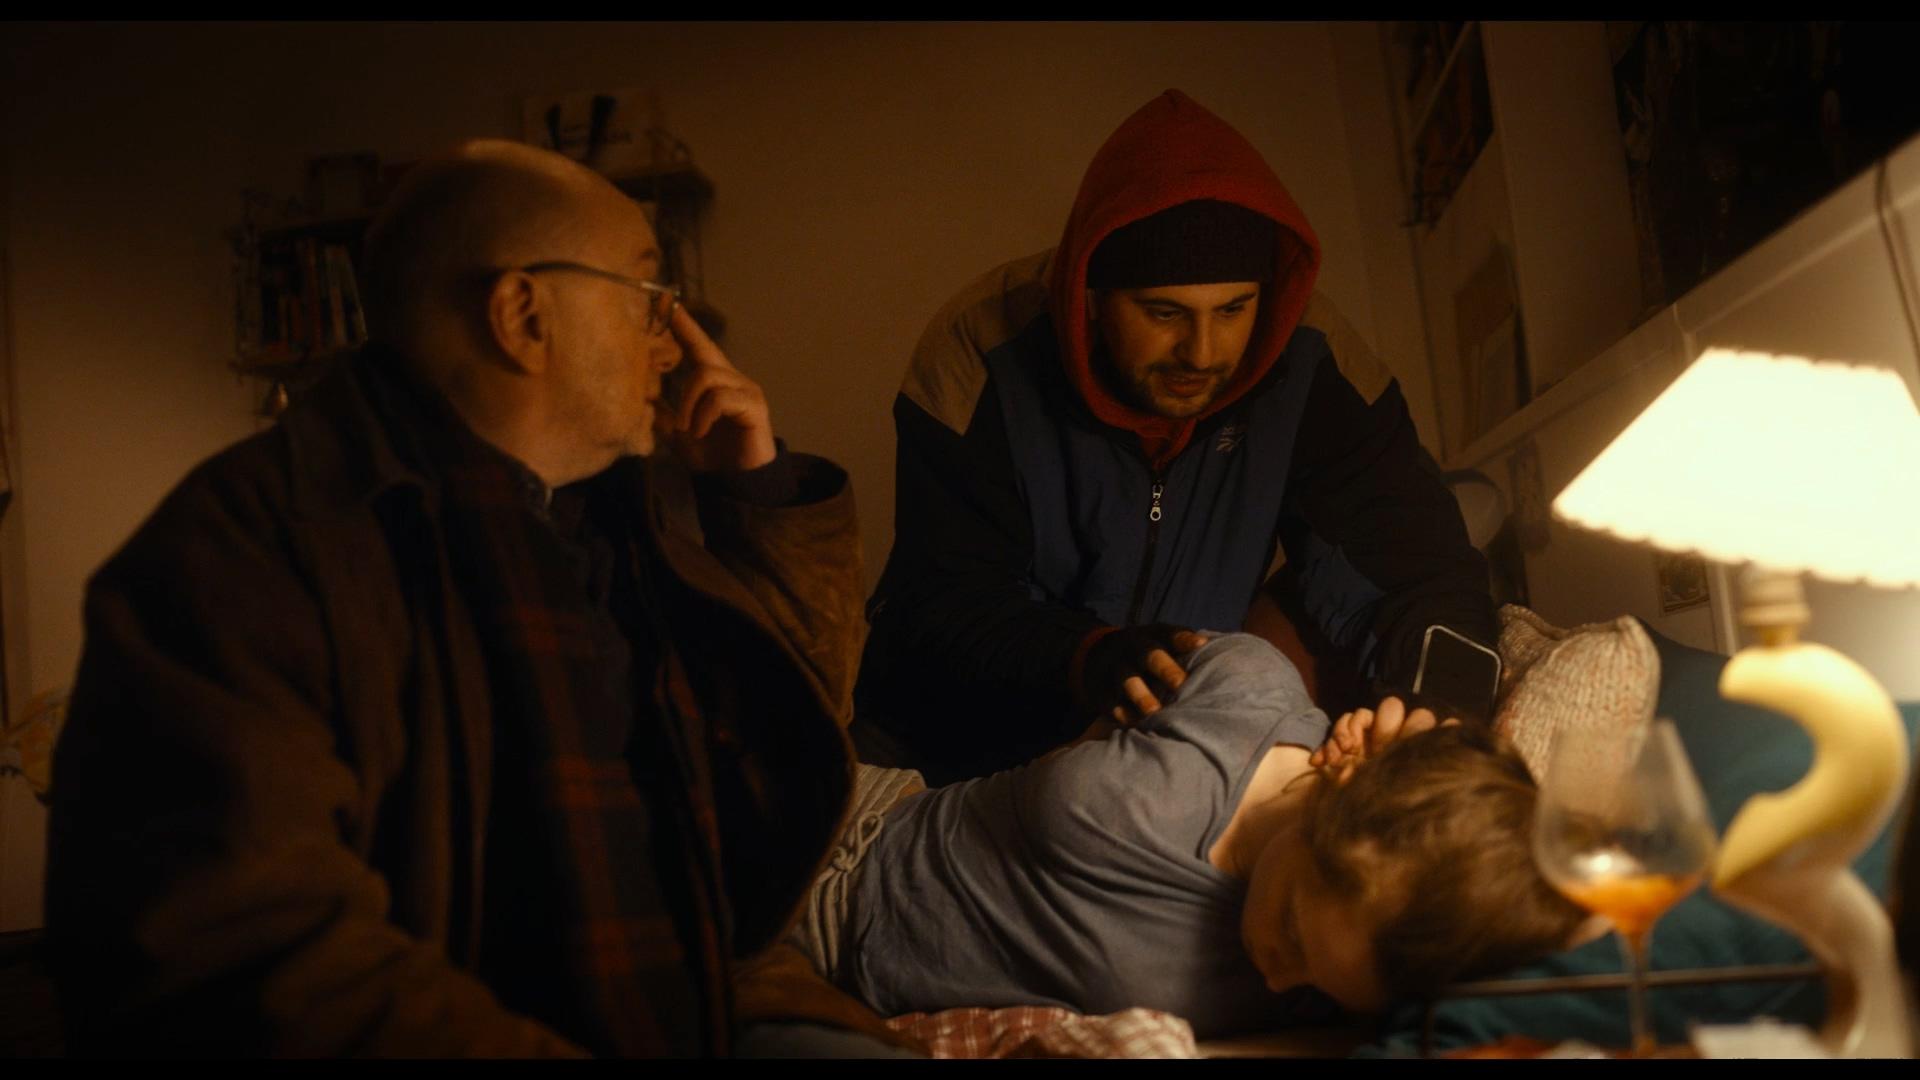 《我出去醫下》「法國博恩」外送員半路出家當醫生 趣味片名引發「統粉」朝聖 : 98yp 電影影評線上看